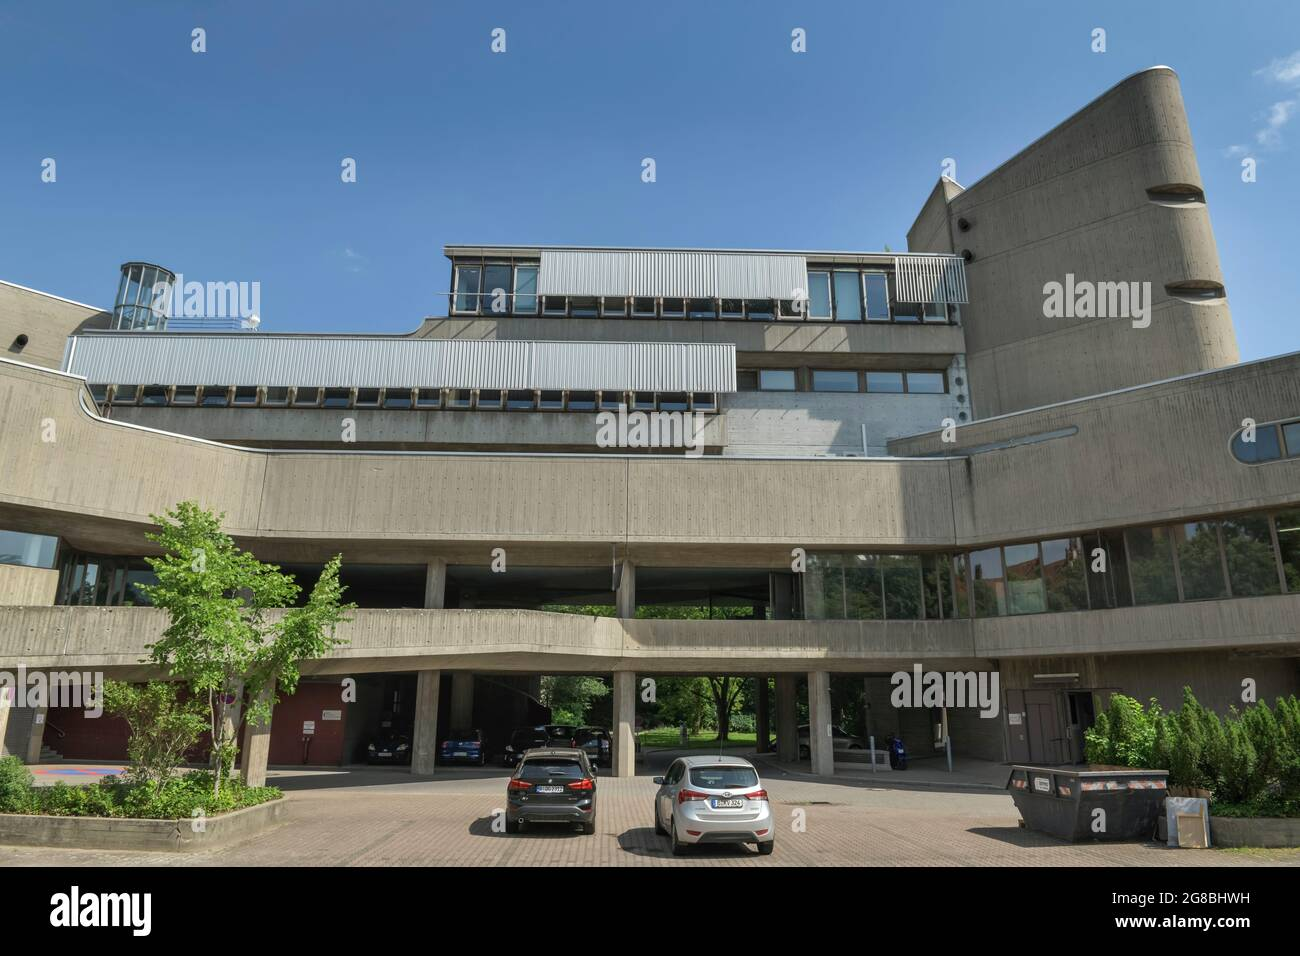 Charite, Institut für Hygiene und Umweltmedizin, Hindenburgdamm, Lichterfelde, Berlin, Deutschland Foto Stock